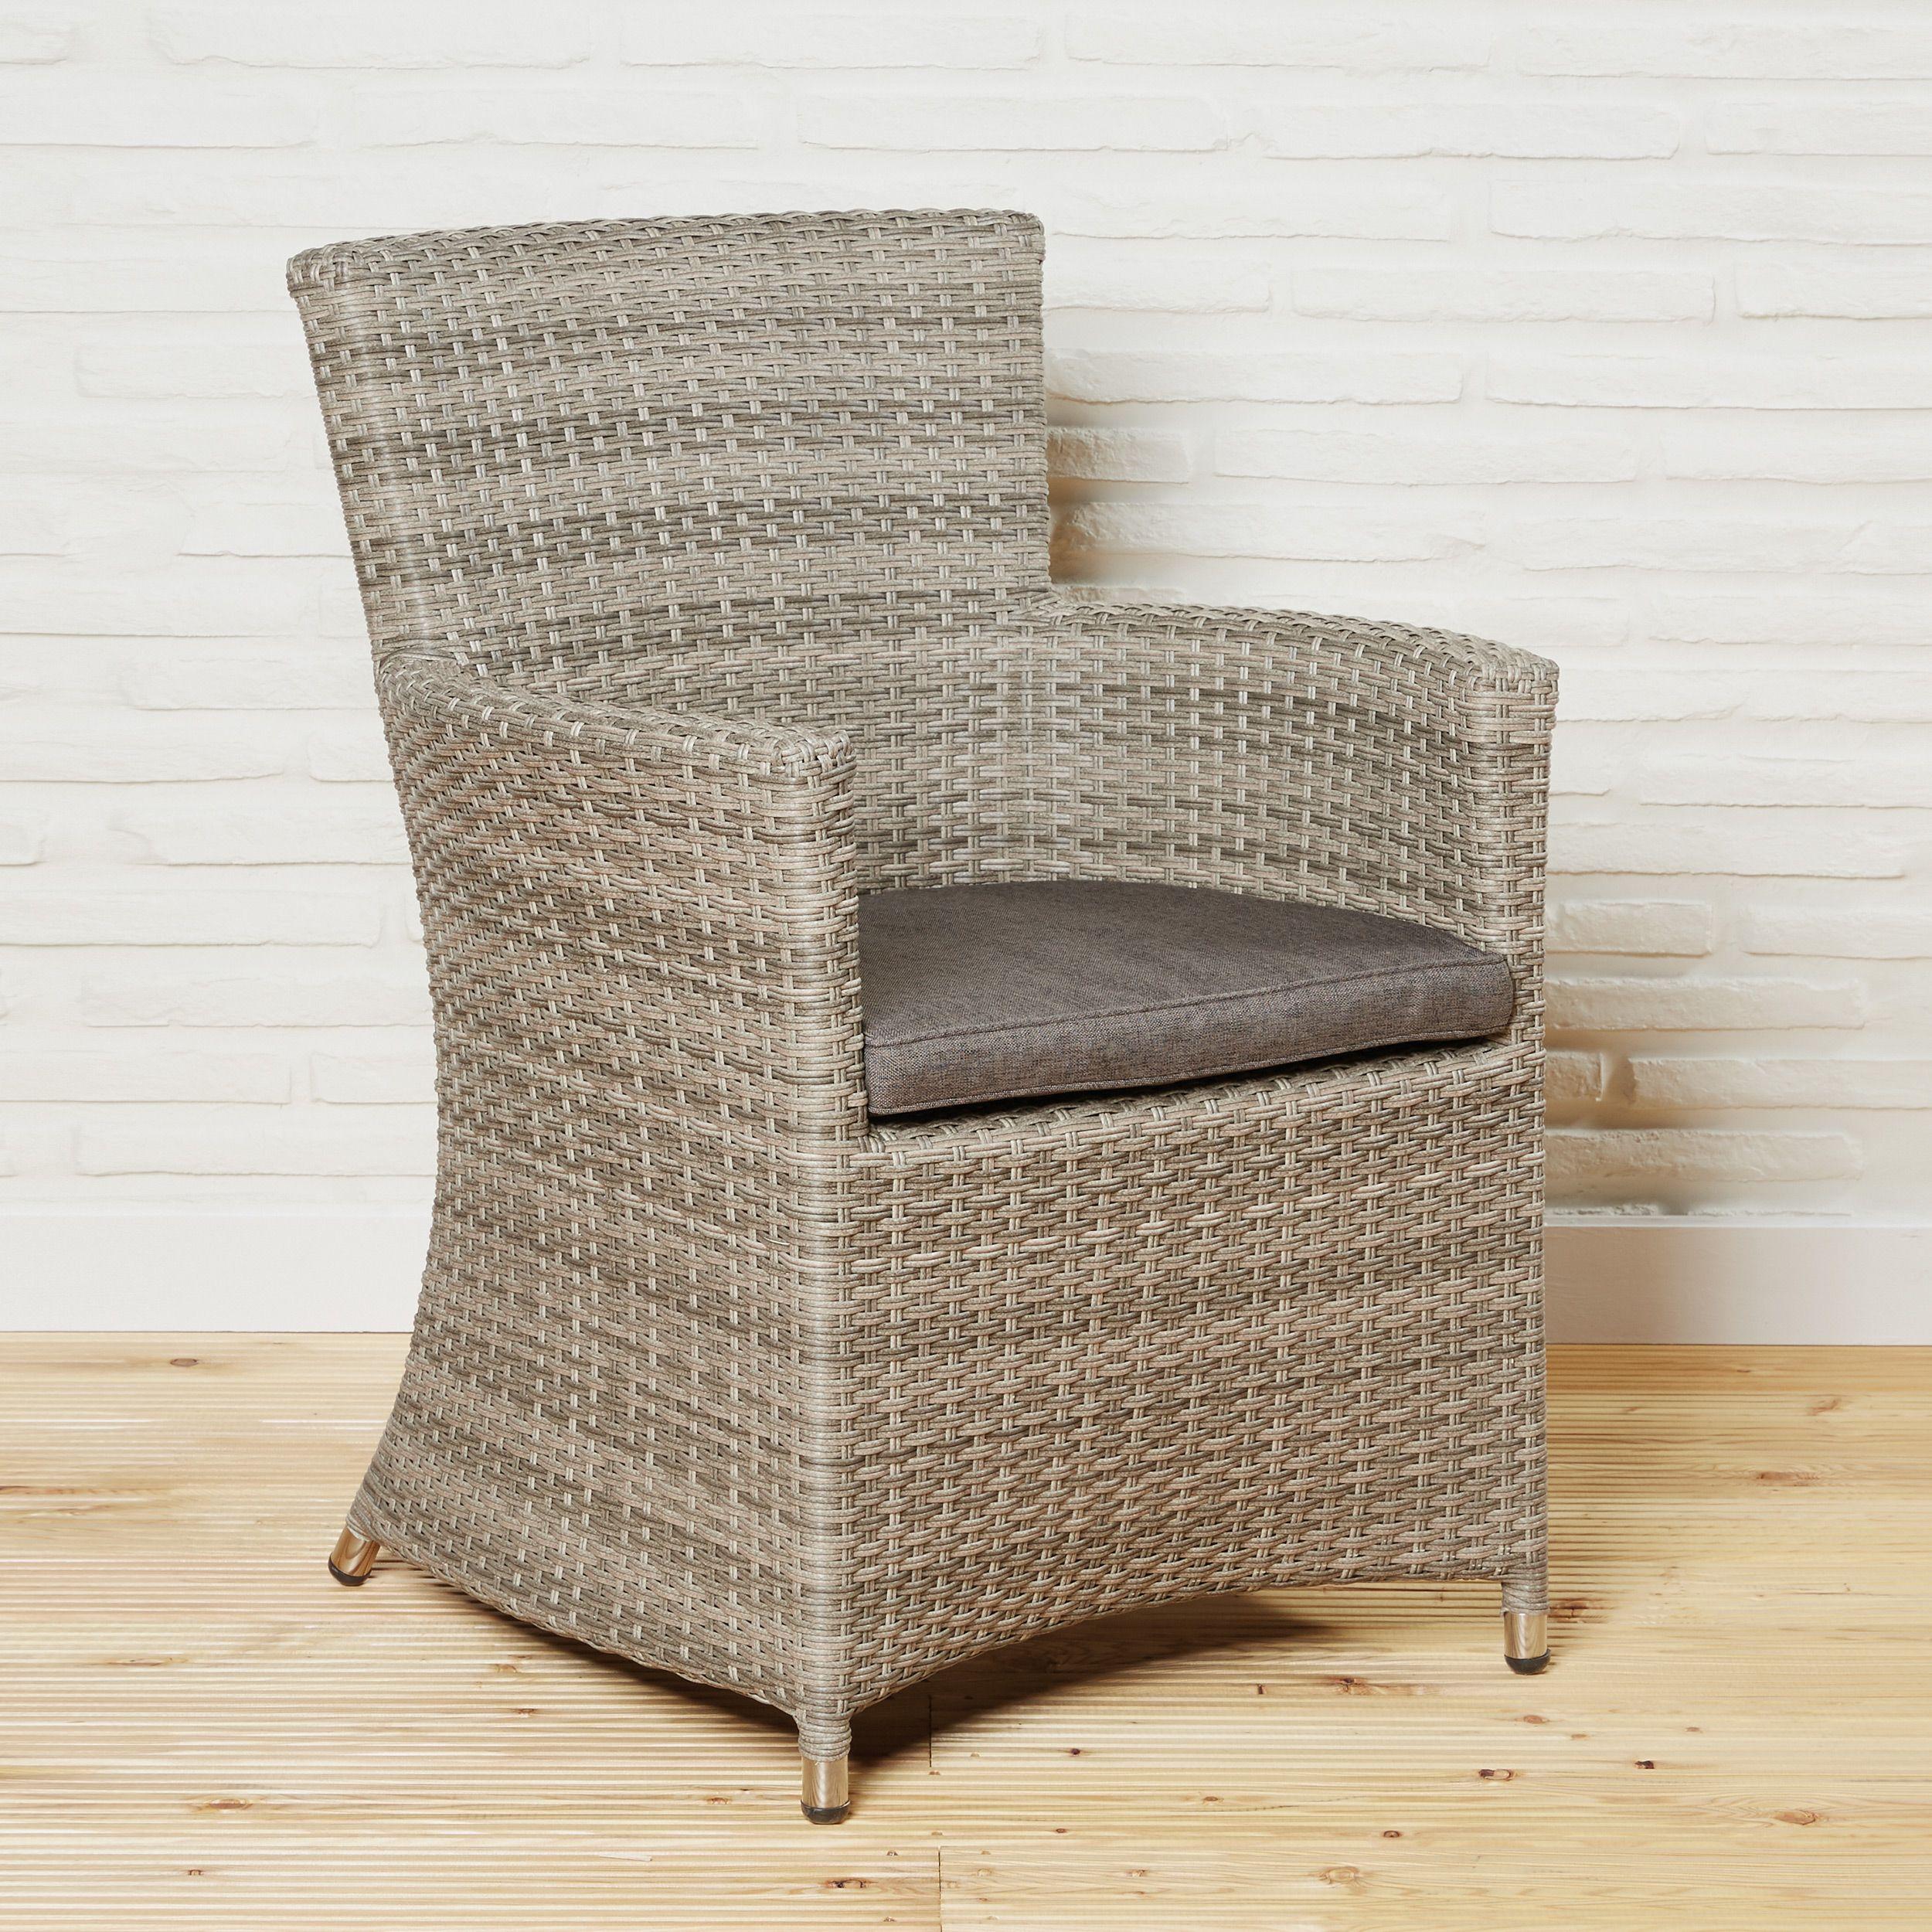 machen sie es sich bequem.. polyrattan gartenstuhl mit sitzkissen ... - Outdoor Sessel Polyrattan